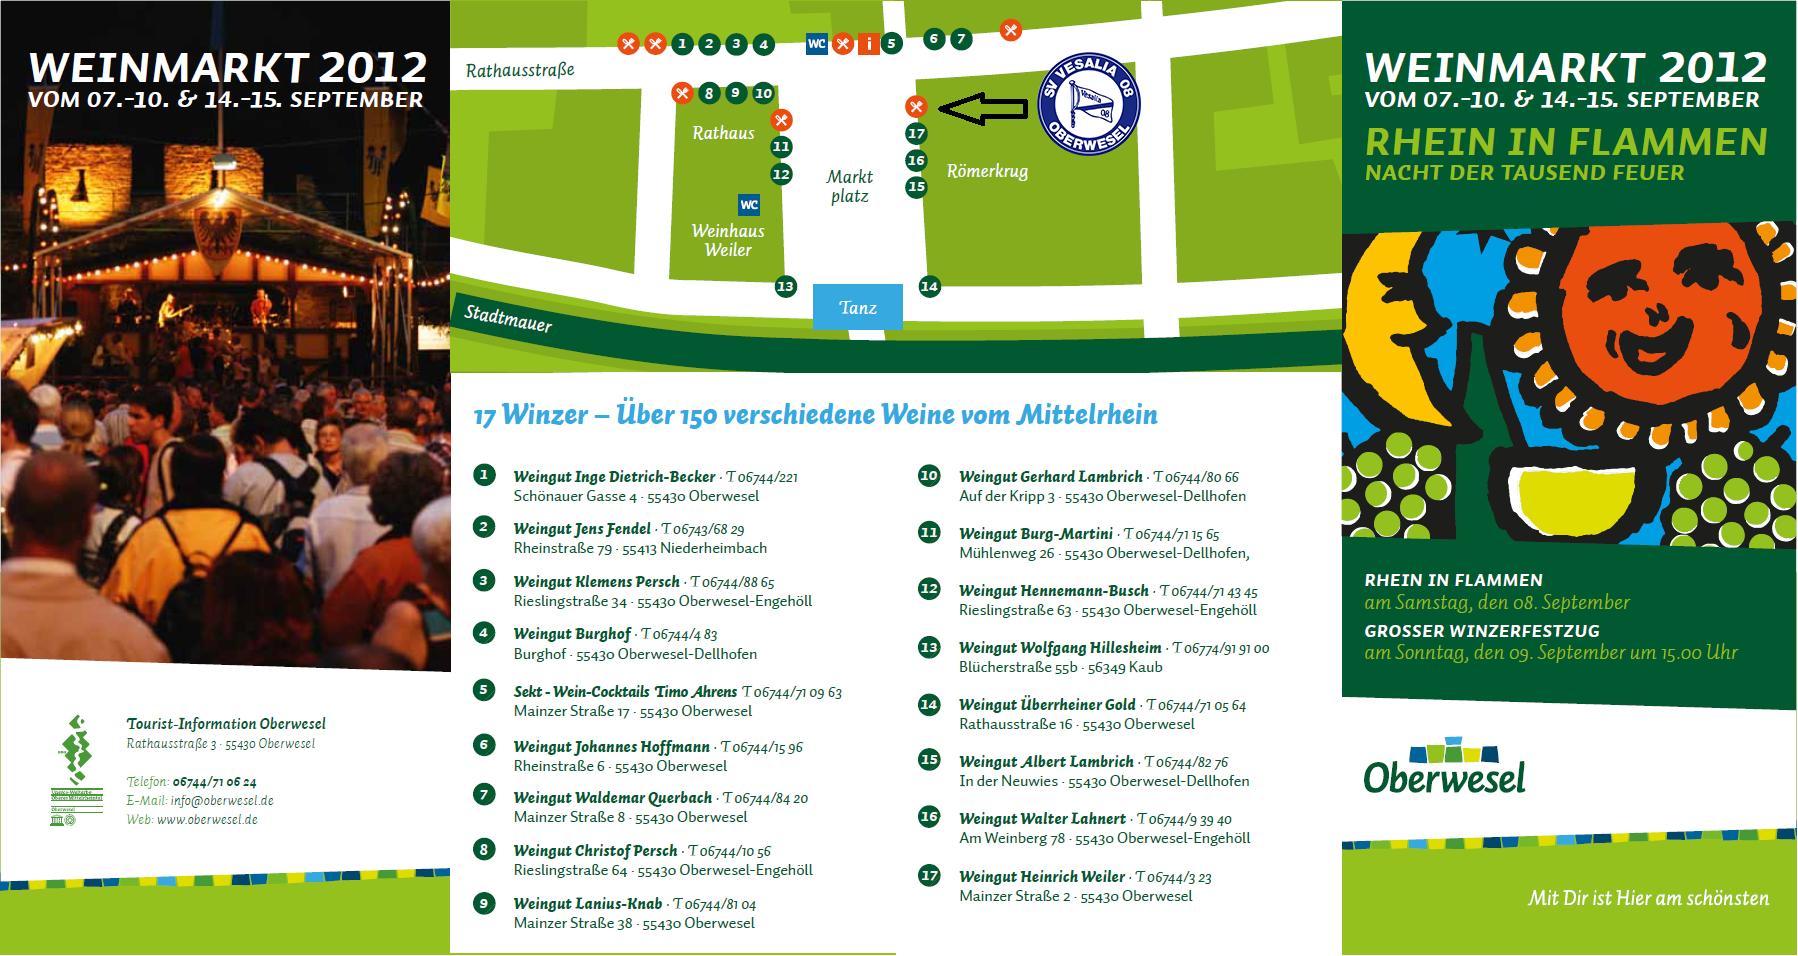 Lageplan Weinmarkt 2012